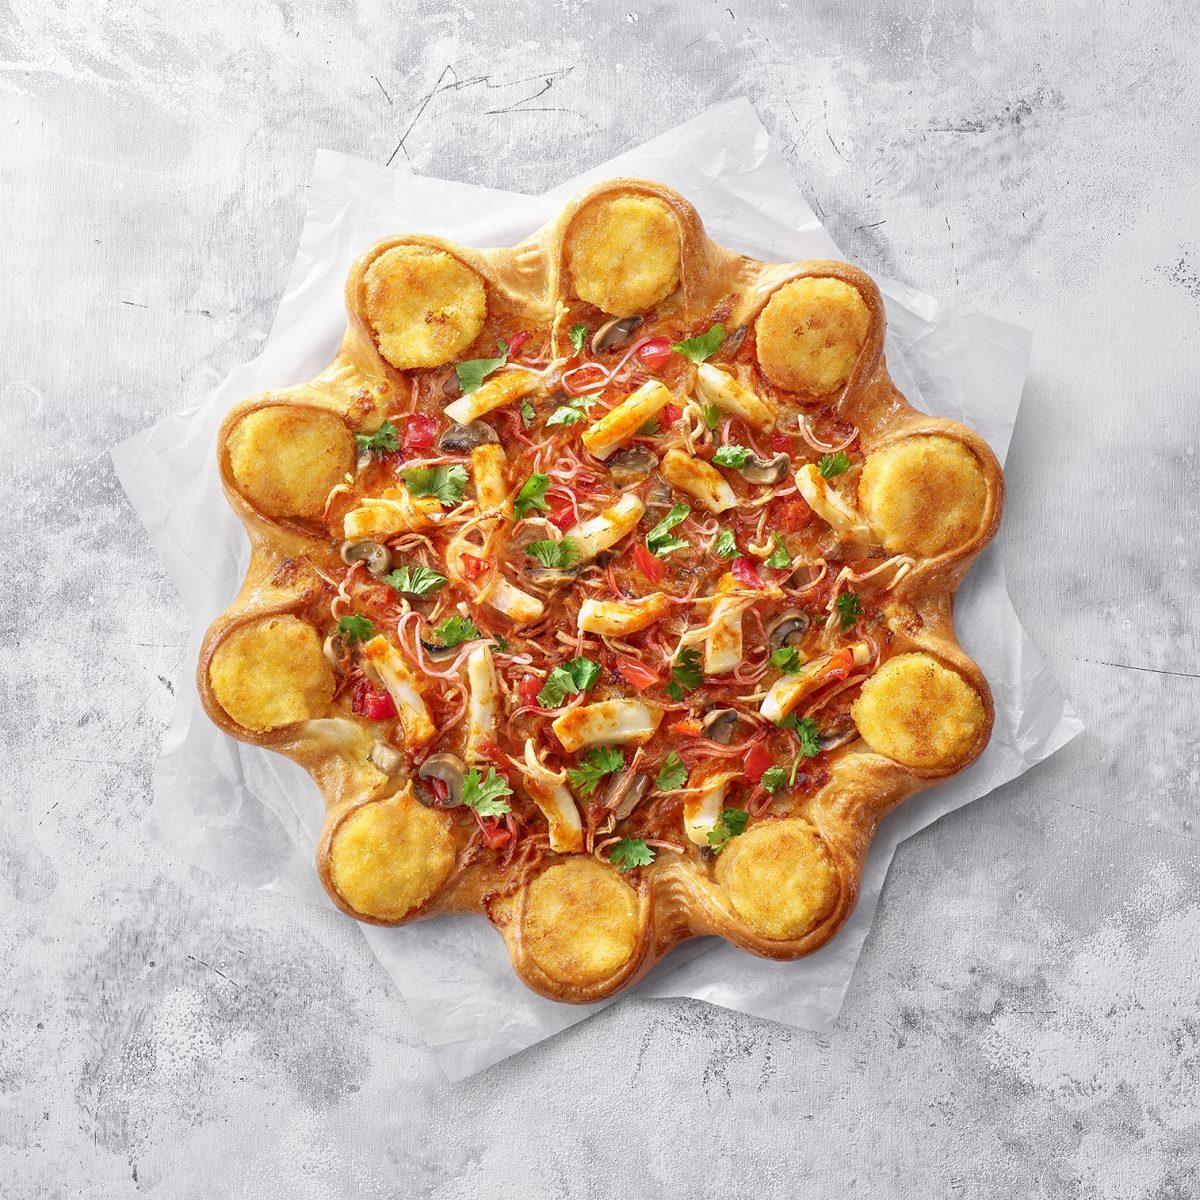 義大利人又要崩潰!必勝客推超狂「泰式冬蔭功」披薩,還有整圈「金錢蝦餅」鑲在餅皮上